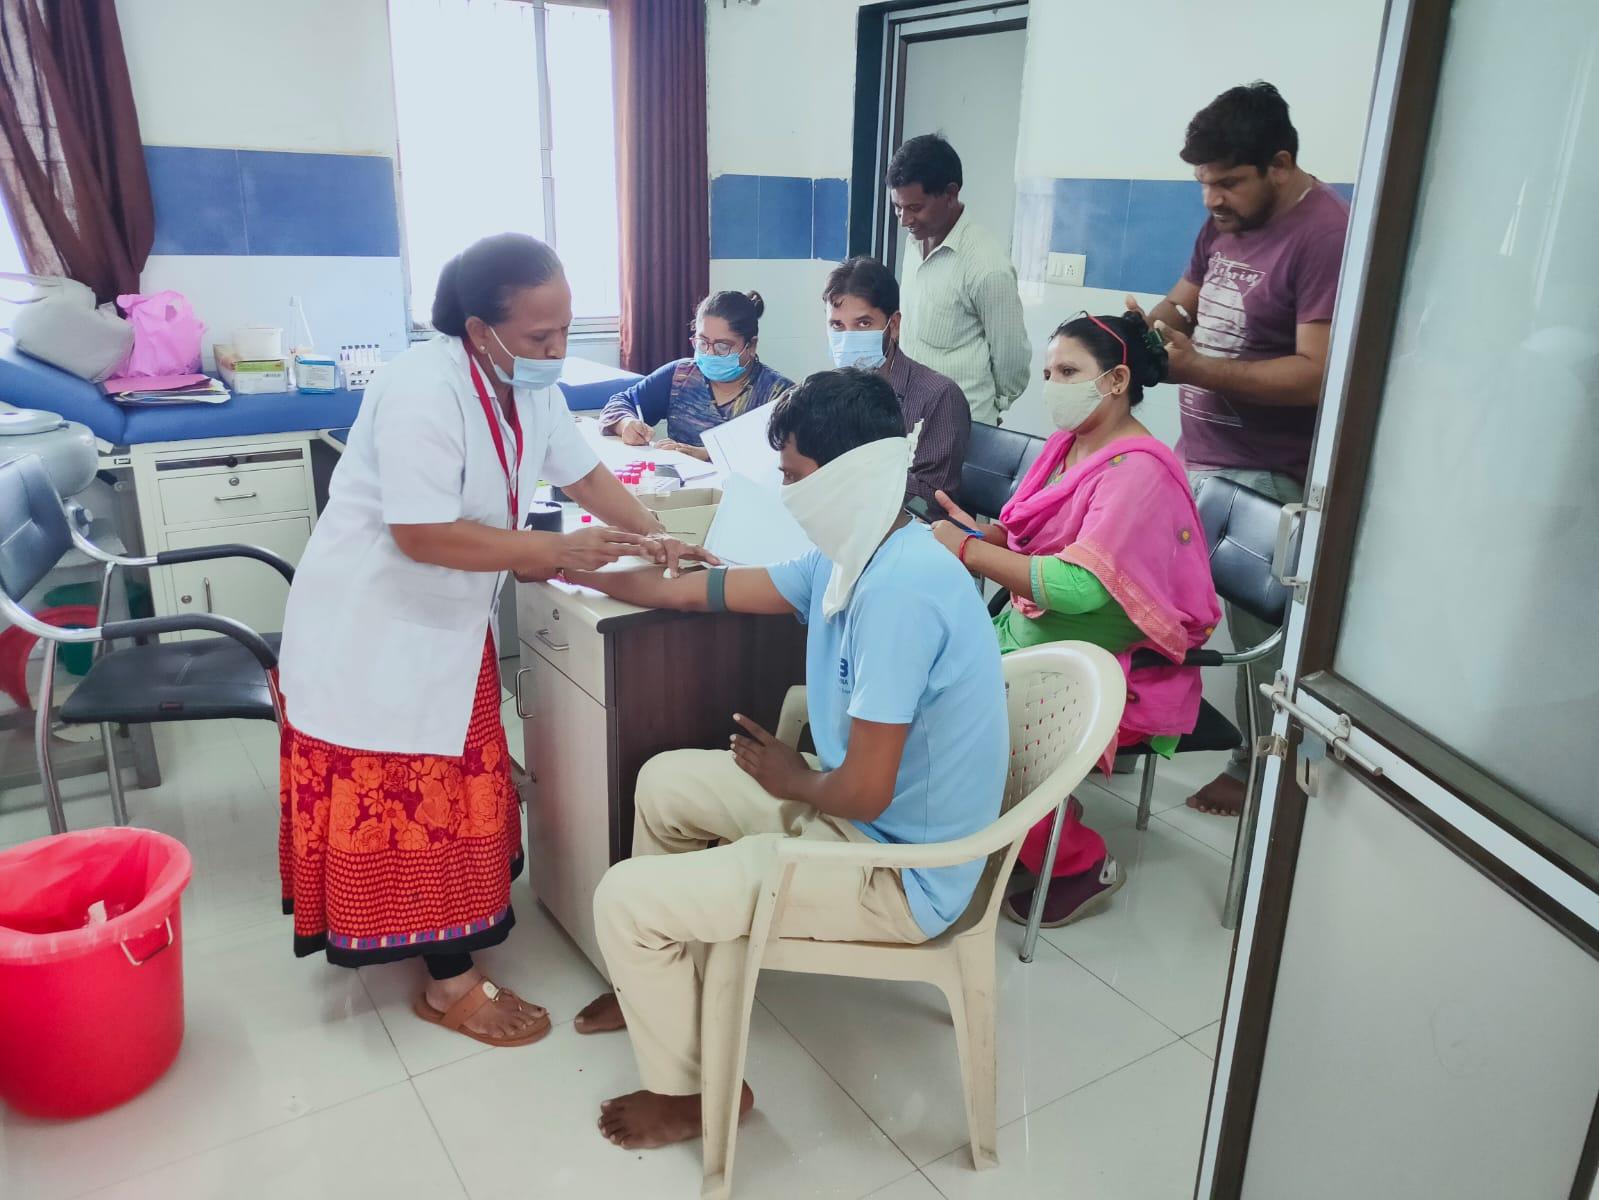 સંભવિત કોરોના સામેની ત્રીજી લહેર સામે લડવા ગાંધીનગરમાં સિરો સર્વે કરાયો, ઓગસ્ટના અંતમાં રિપોર્ટ આવશે ગાંધીનગર,Gandhinagar - Divya Bhaskar